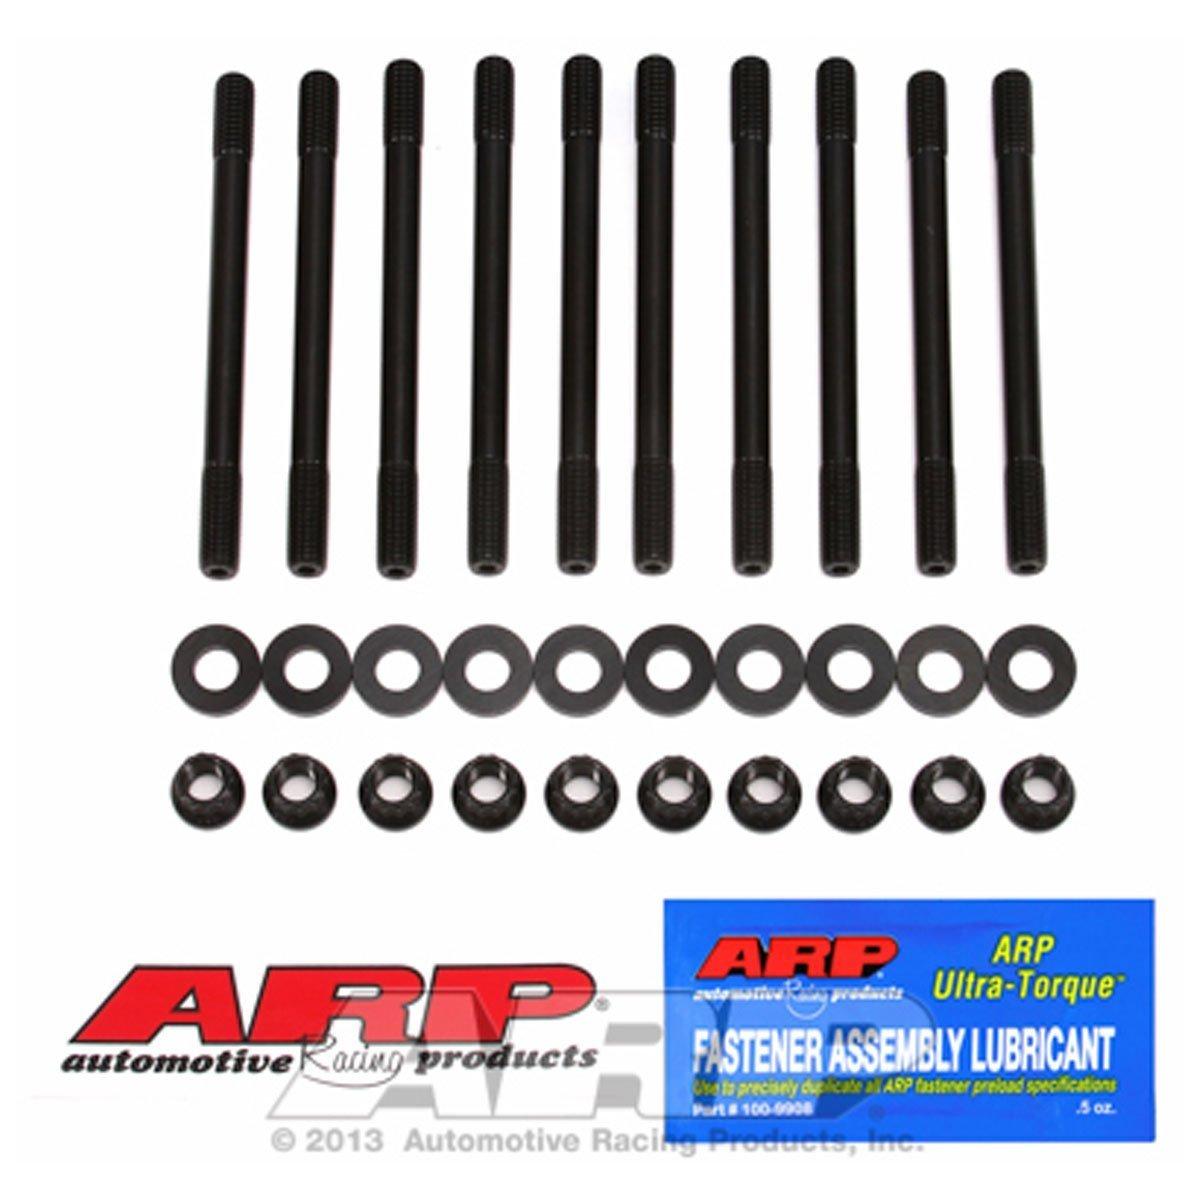 ARP 202-4307 Cylinder Head Stud Kit